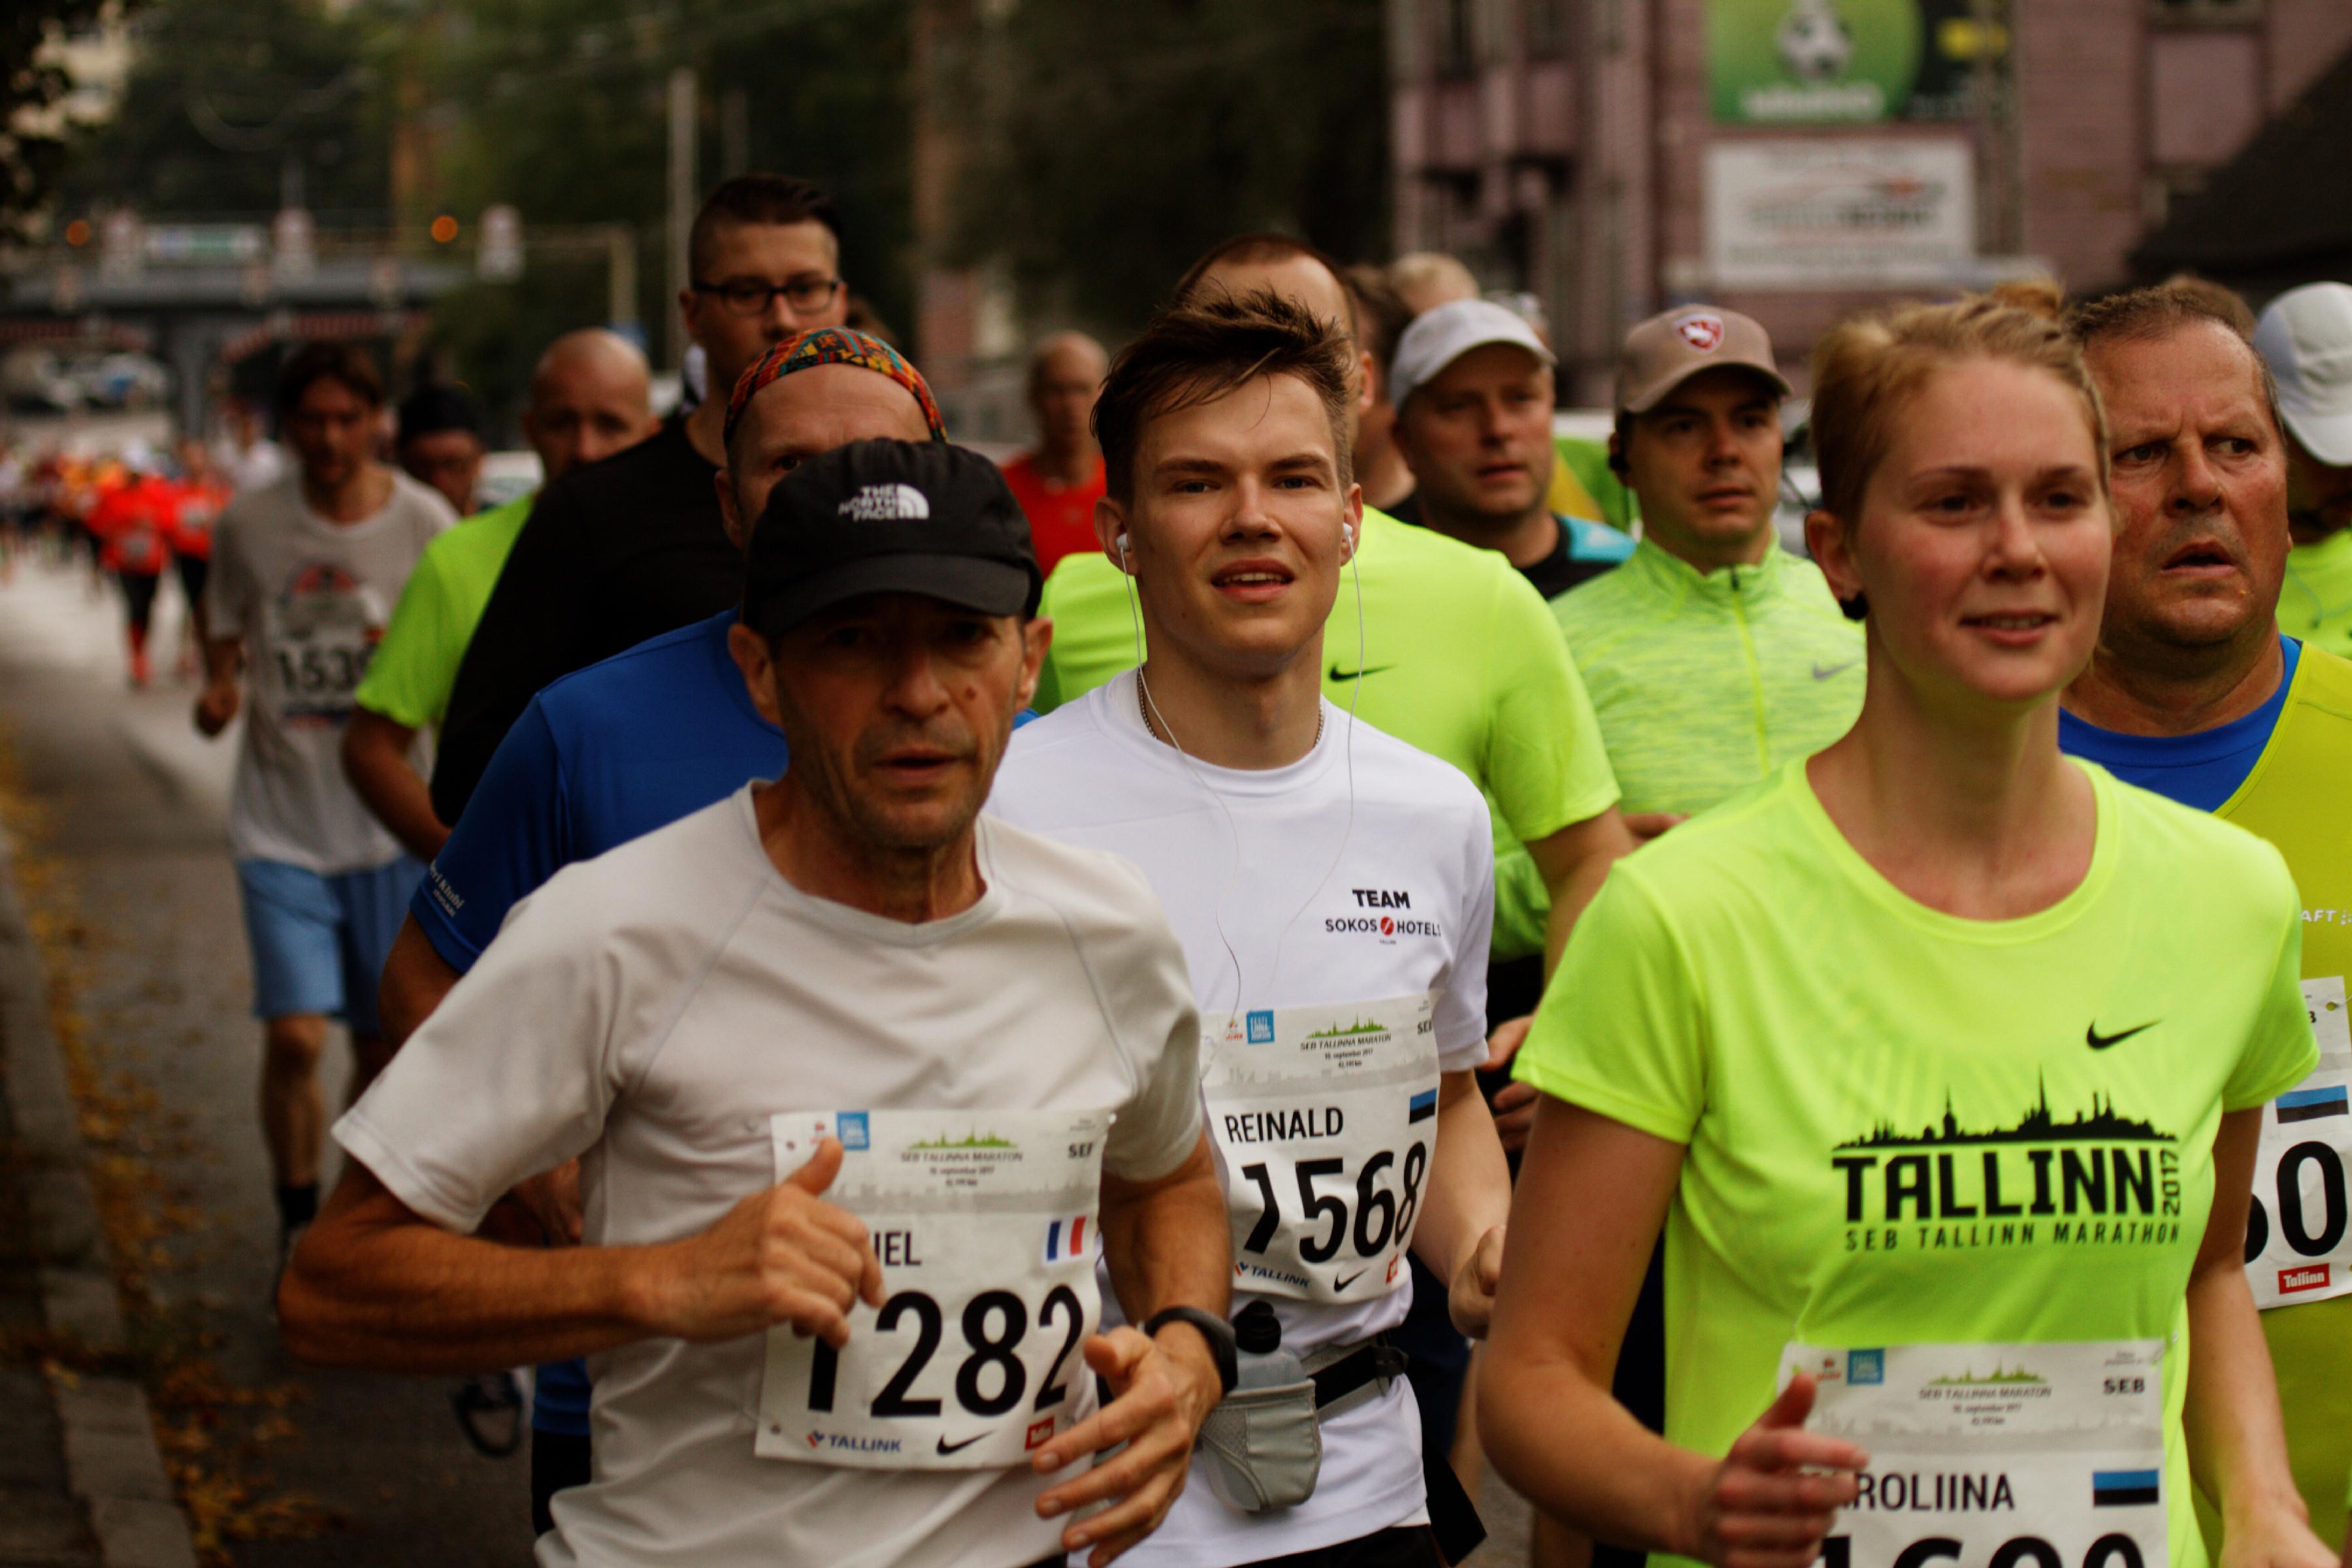 Lõpetasin Talllinna suure jooksupeo SEB maratoni 1648. kohaga